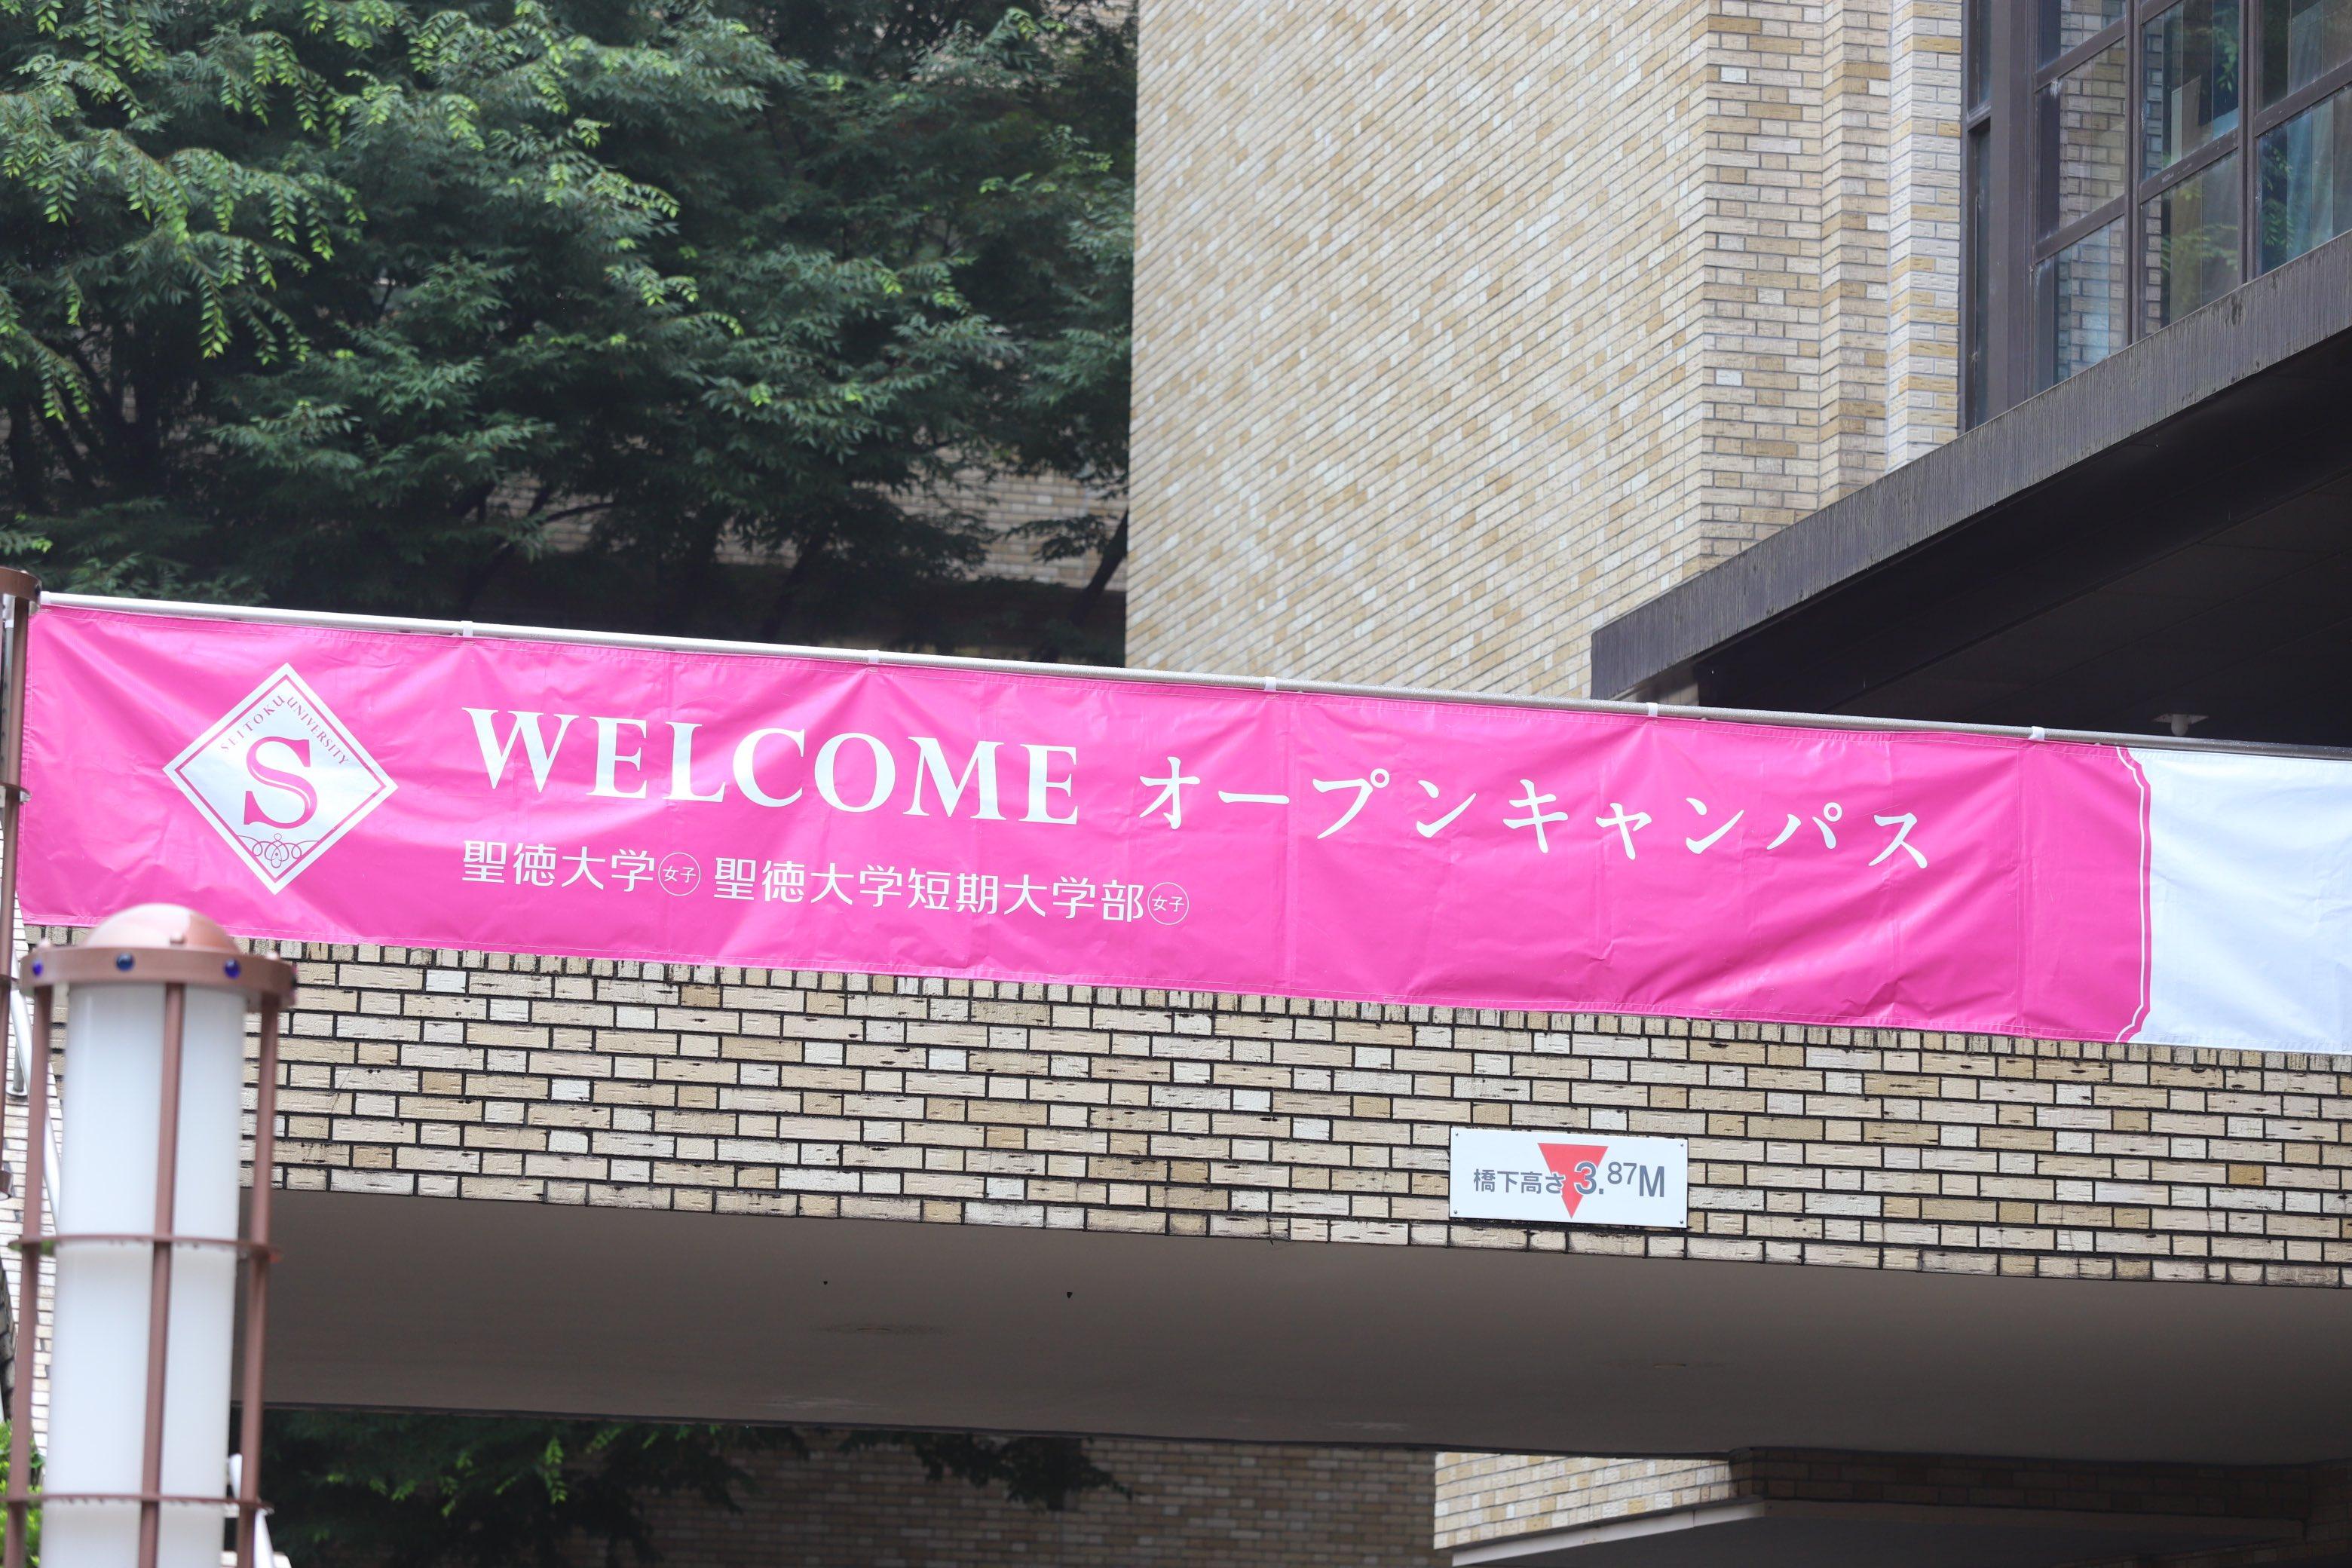 5月27日にオープンキャンパスが開催されました